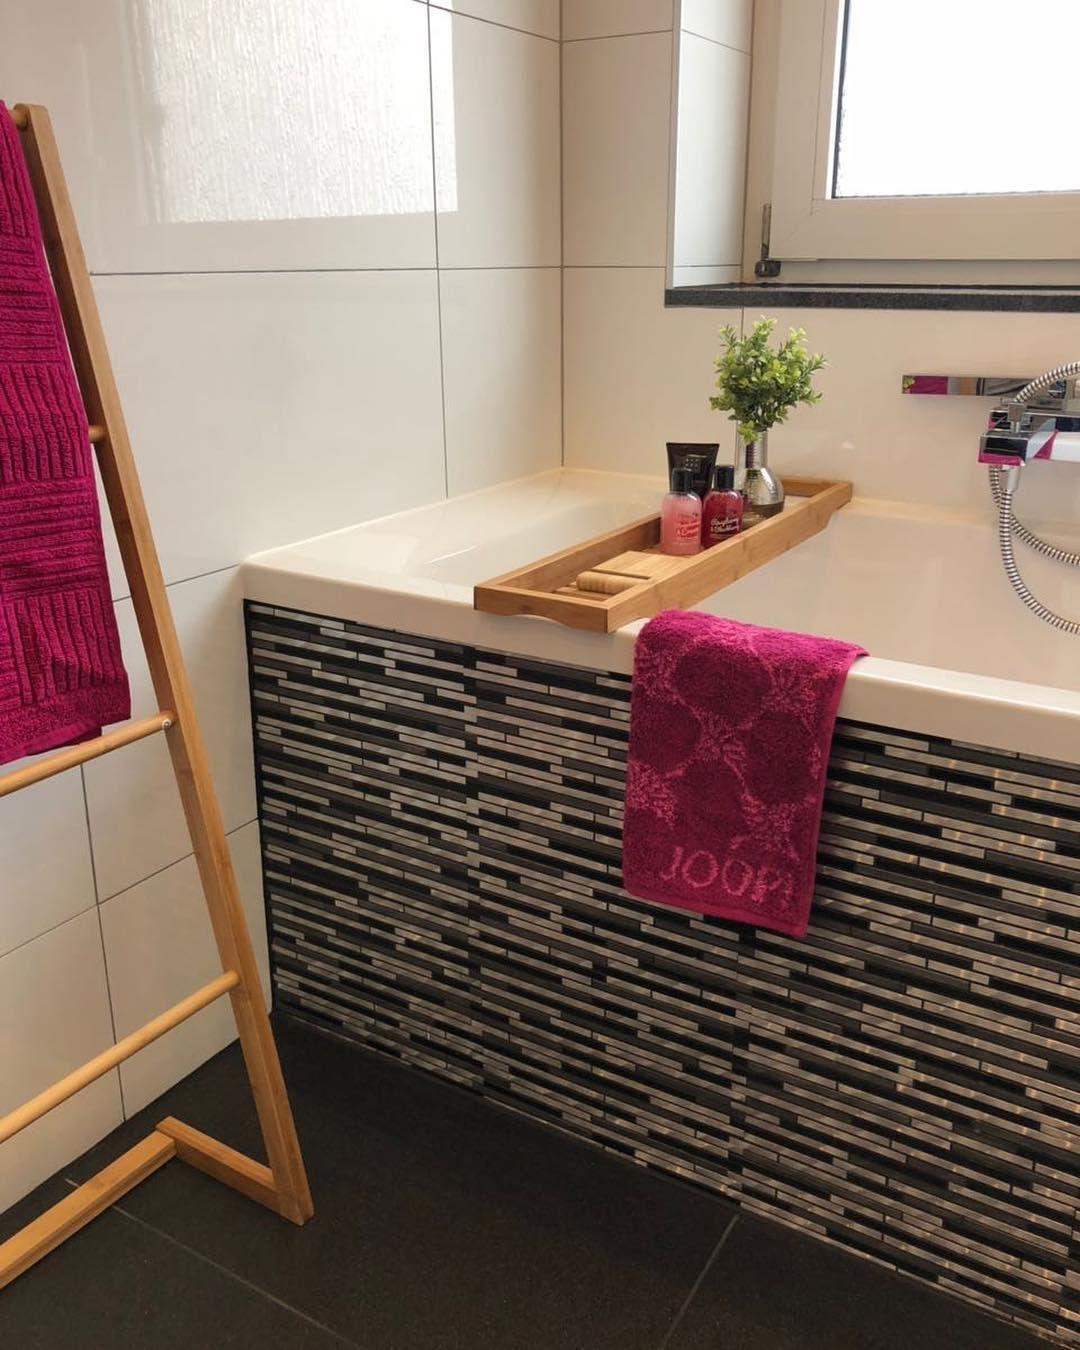 New Bathroom Das Neue Wellnessbadezimmer Meiner Frau Neki210 Joopliving Joop Bathroom Bathroomdesign Bathroomdecor Bathtub Bathroominspo Badewa